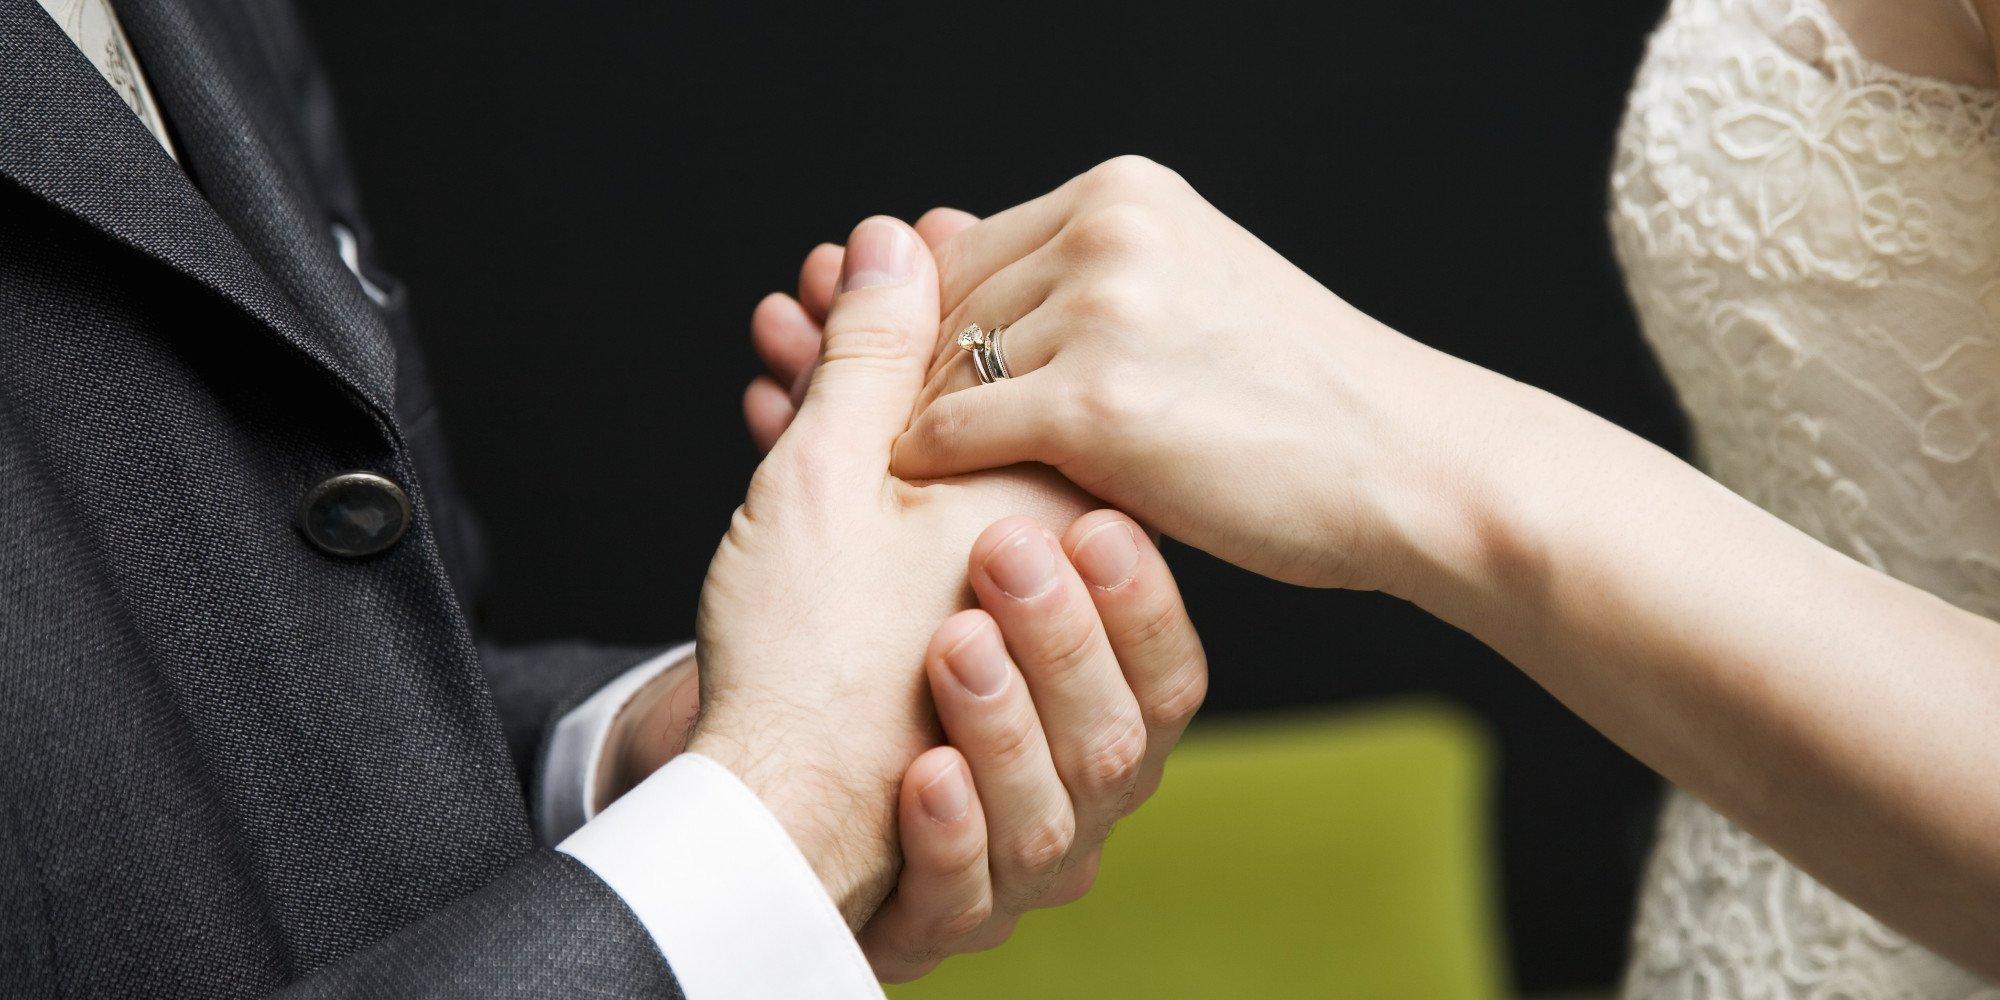 Cauta? i un strain pentru casatorie femei frumoase din Alba Iulia care cauta barbati din Timișoara